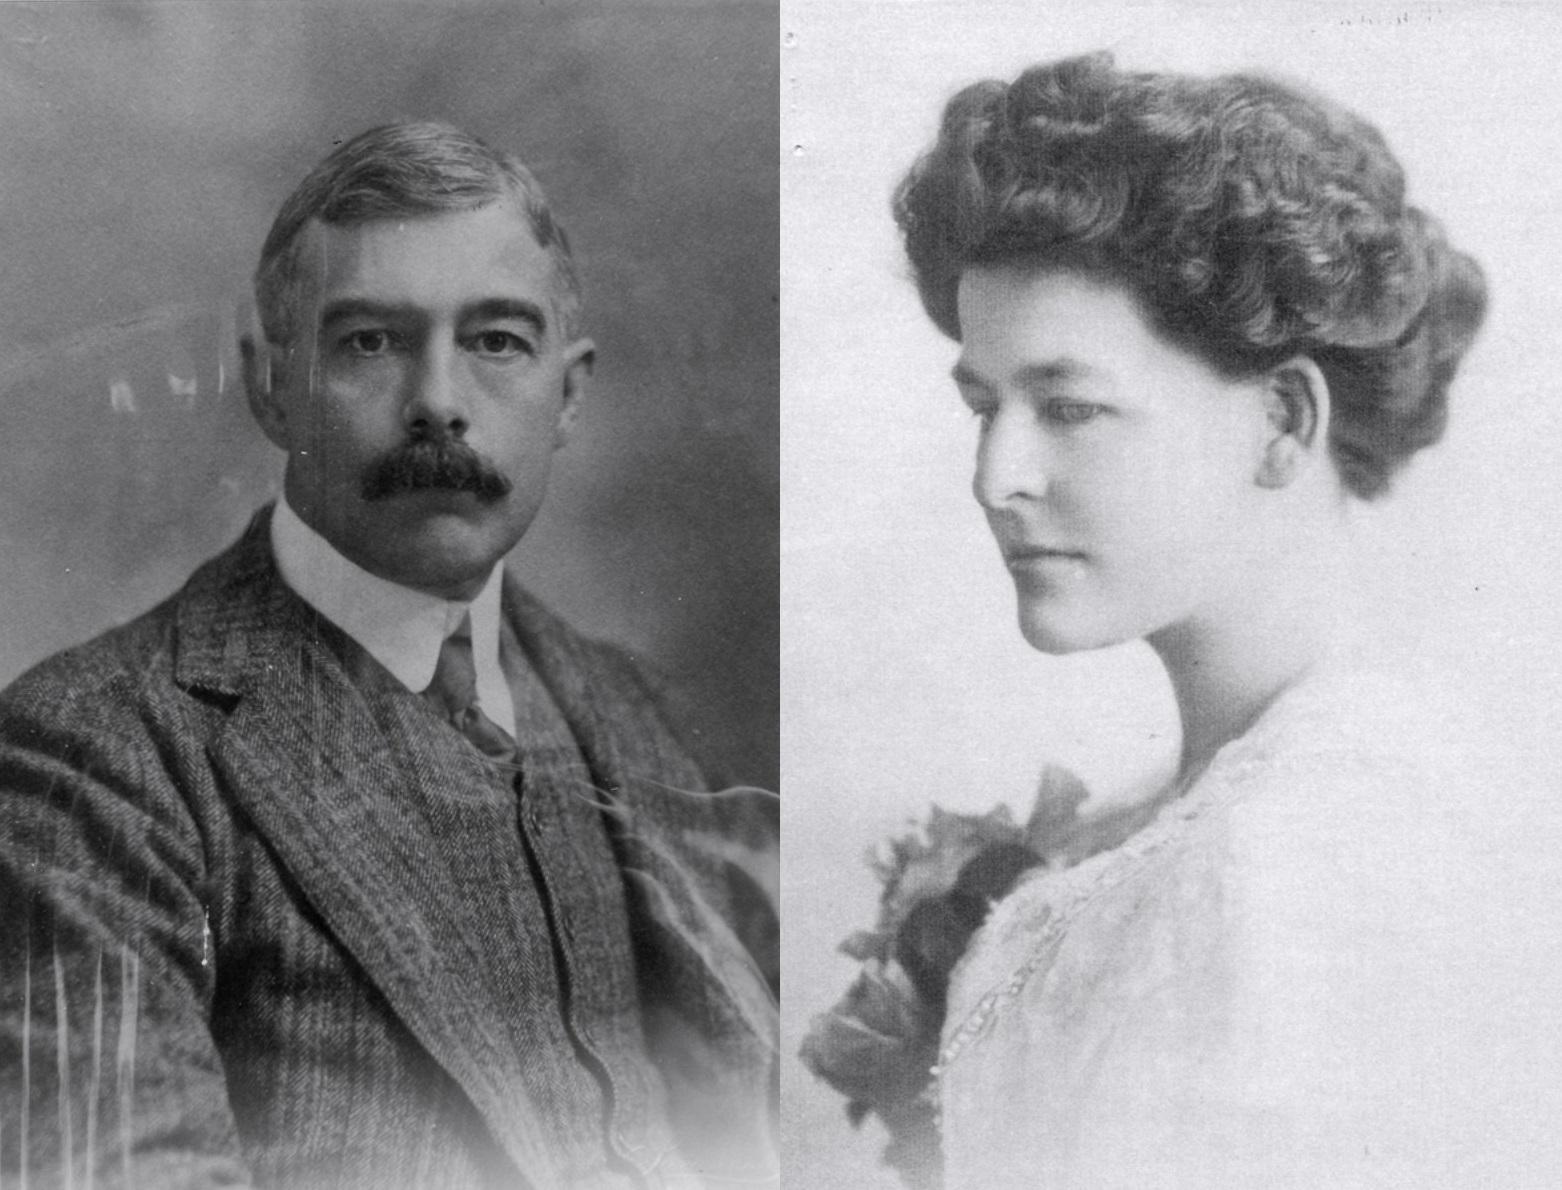 George and Maud Barclay.